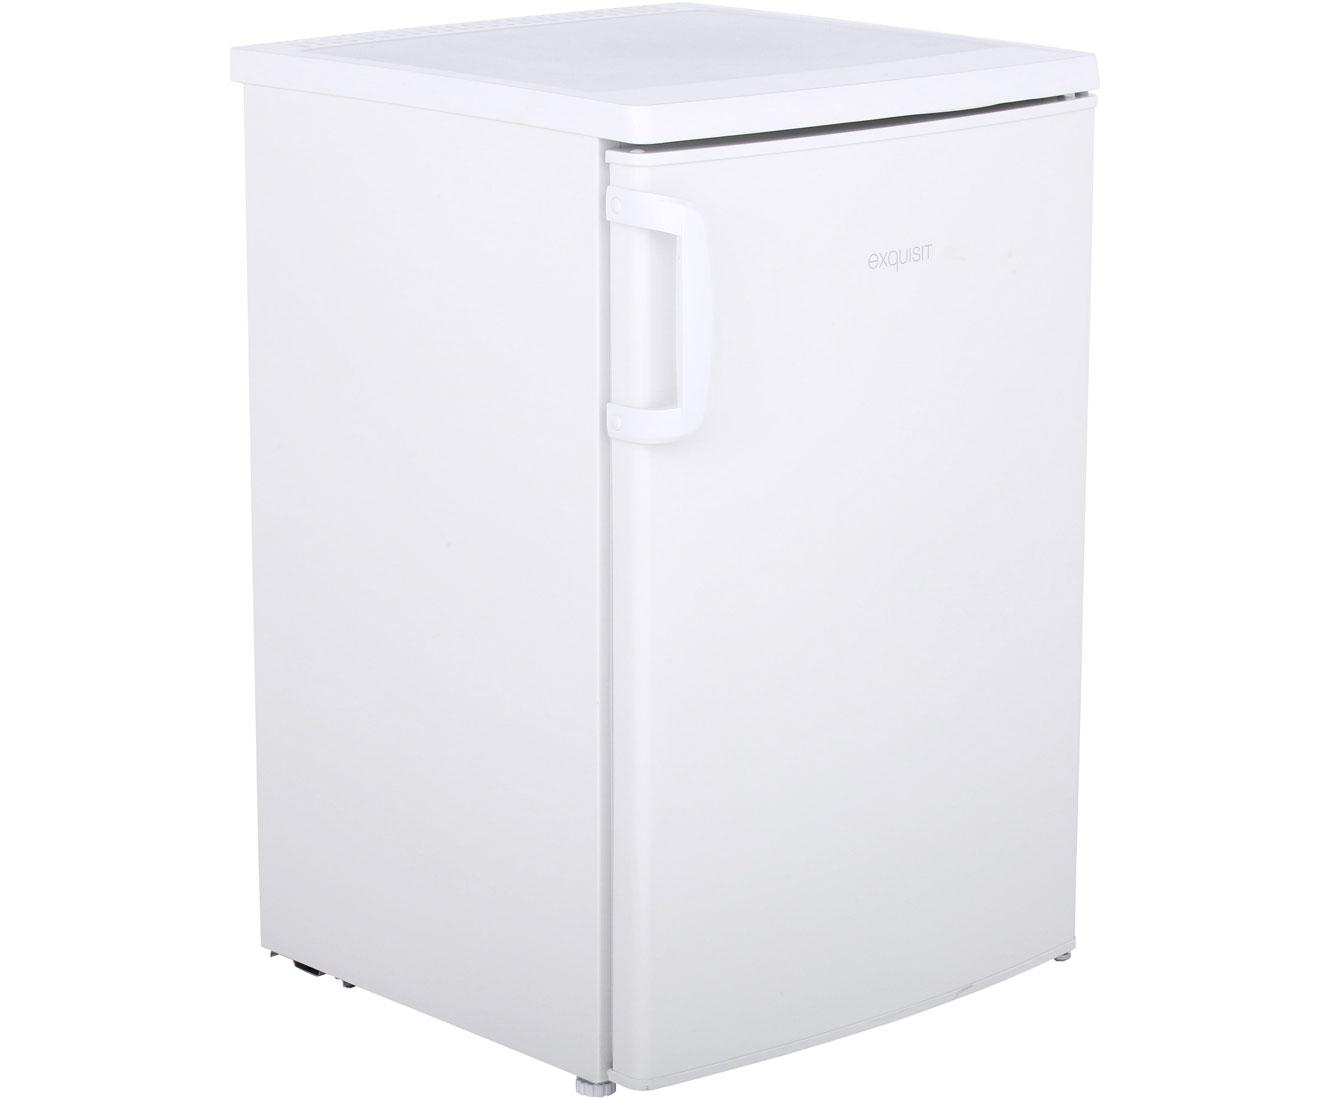 Amica Kühlschrank Inbetriebnahme : Exquisit ks a kühlschrank mit gefrierfach weiß a